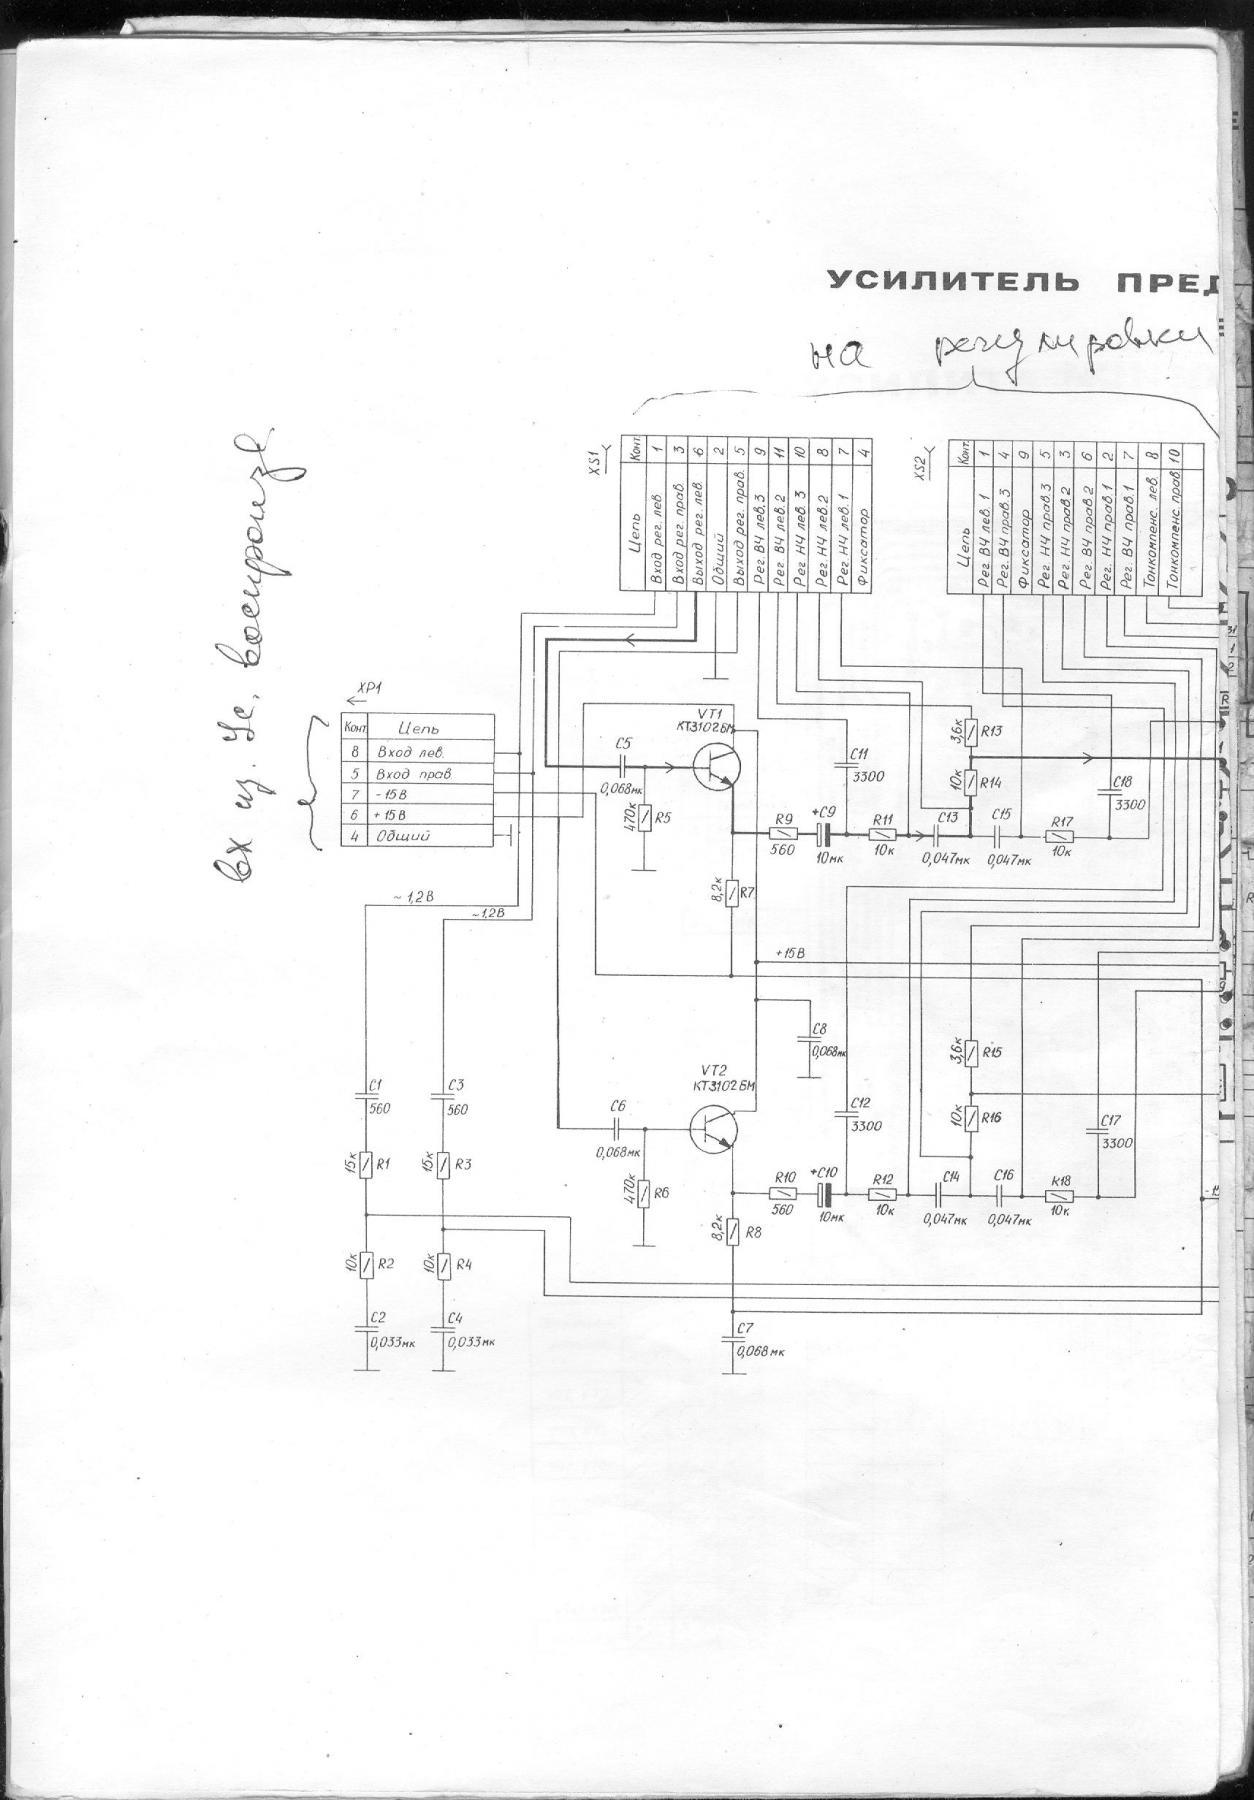 усилители на tfa9843j схема включения